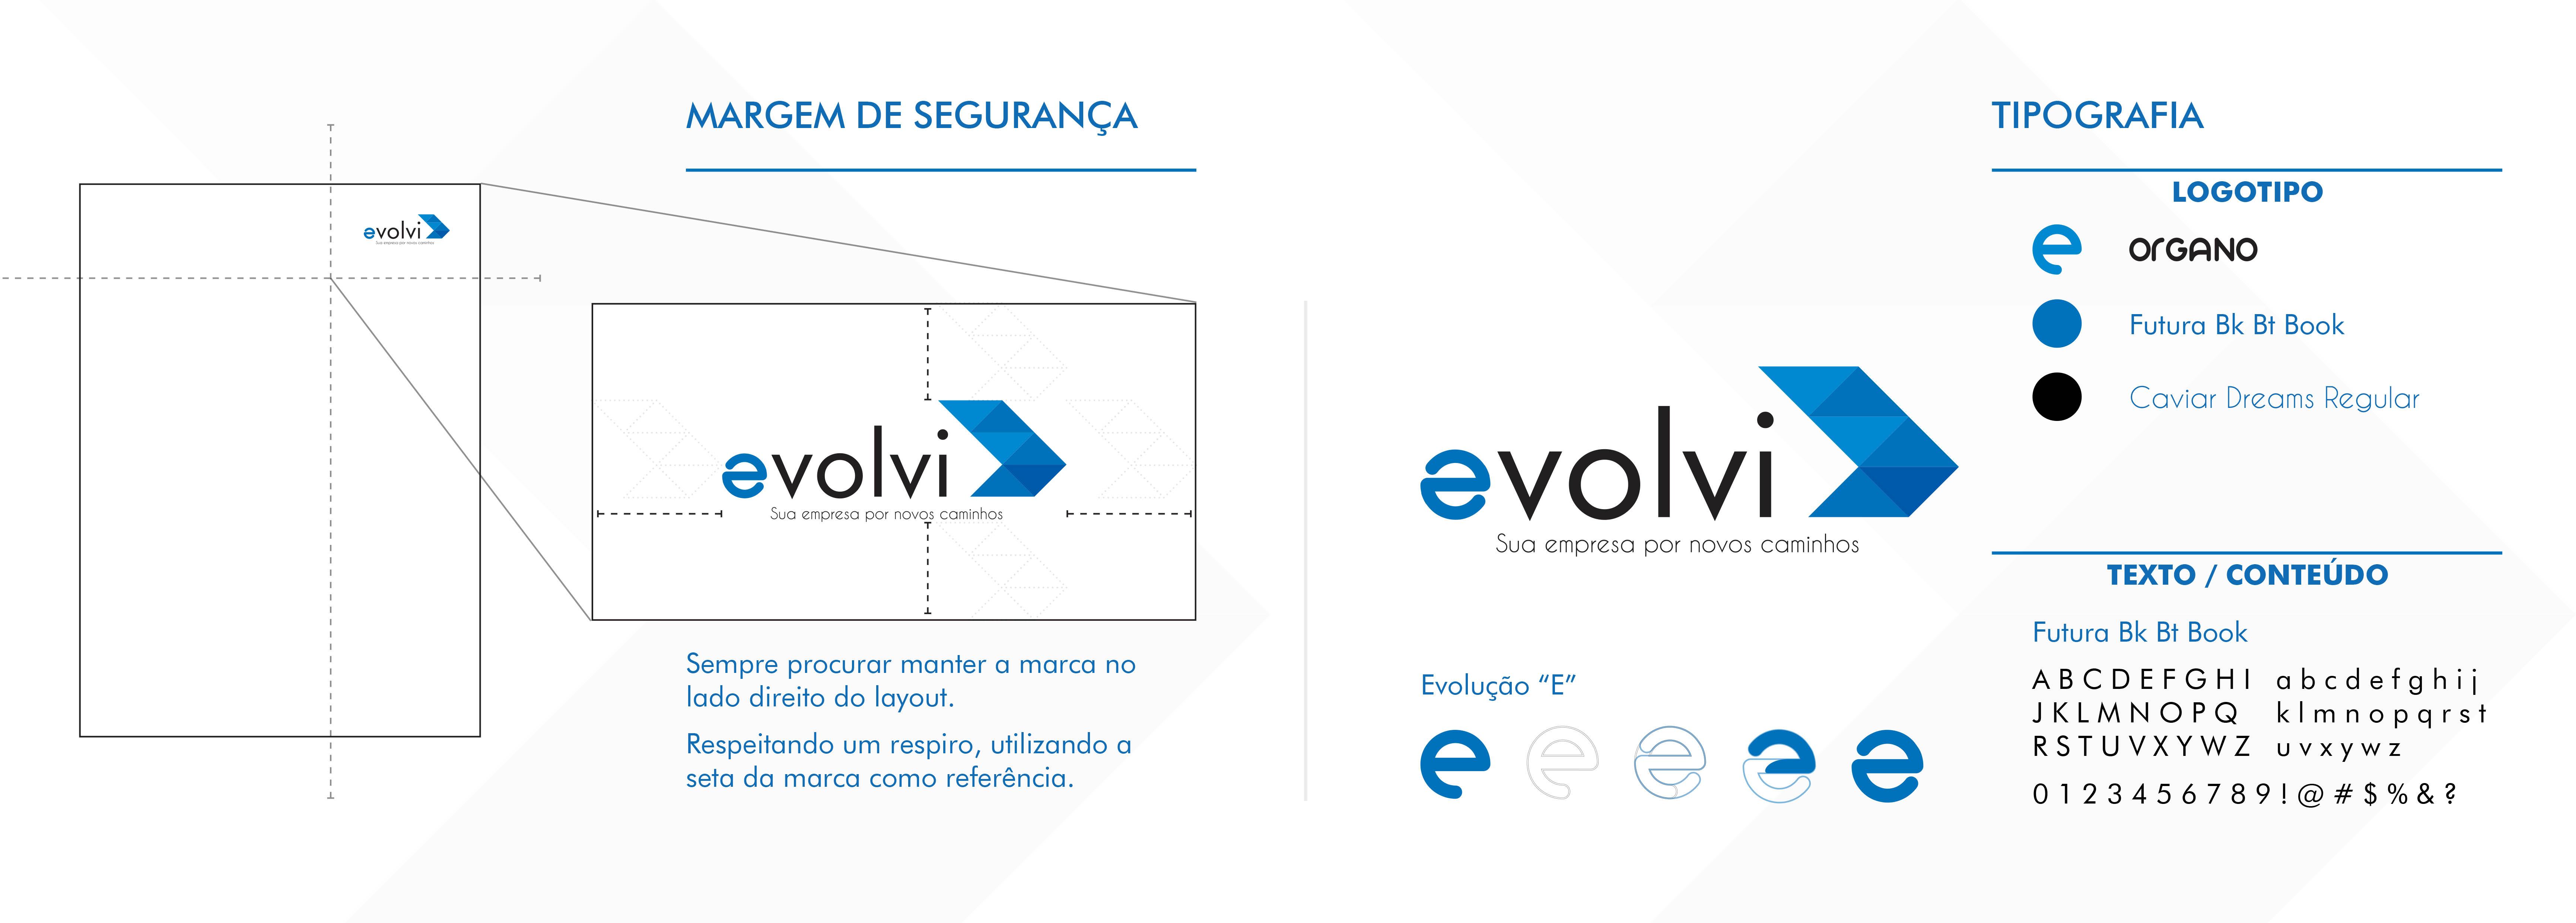 logotipo-explicado